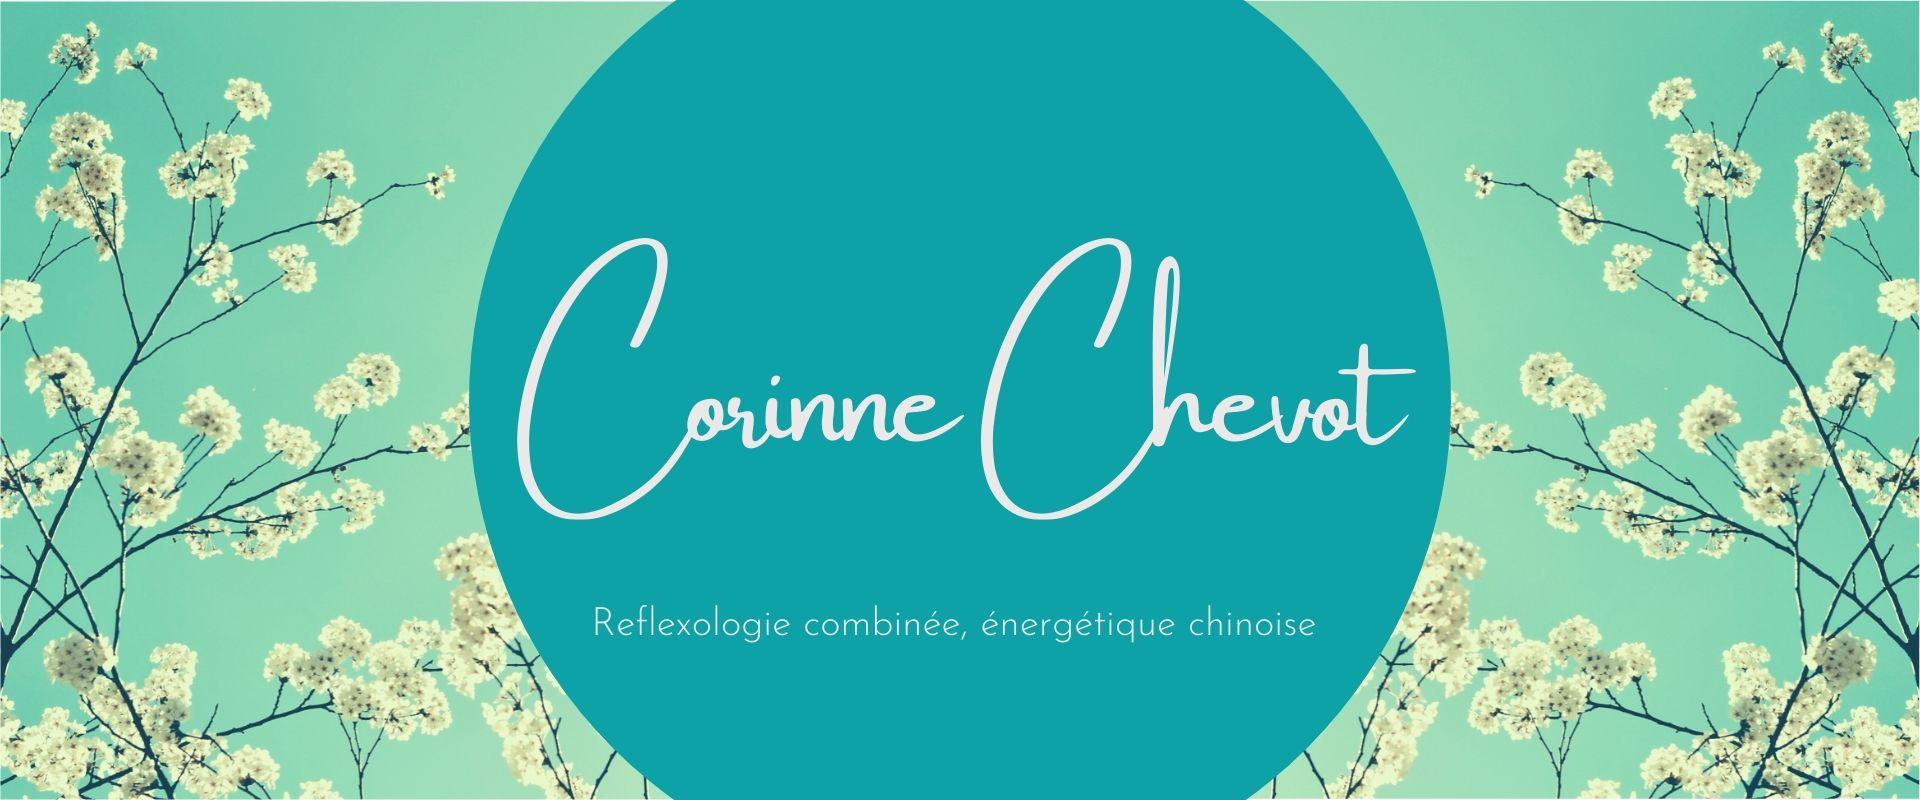 Corinne Chevot